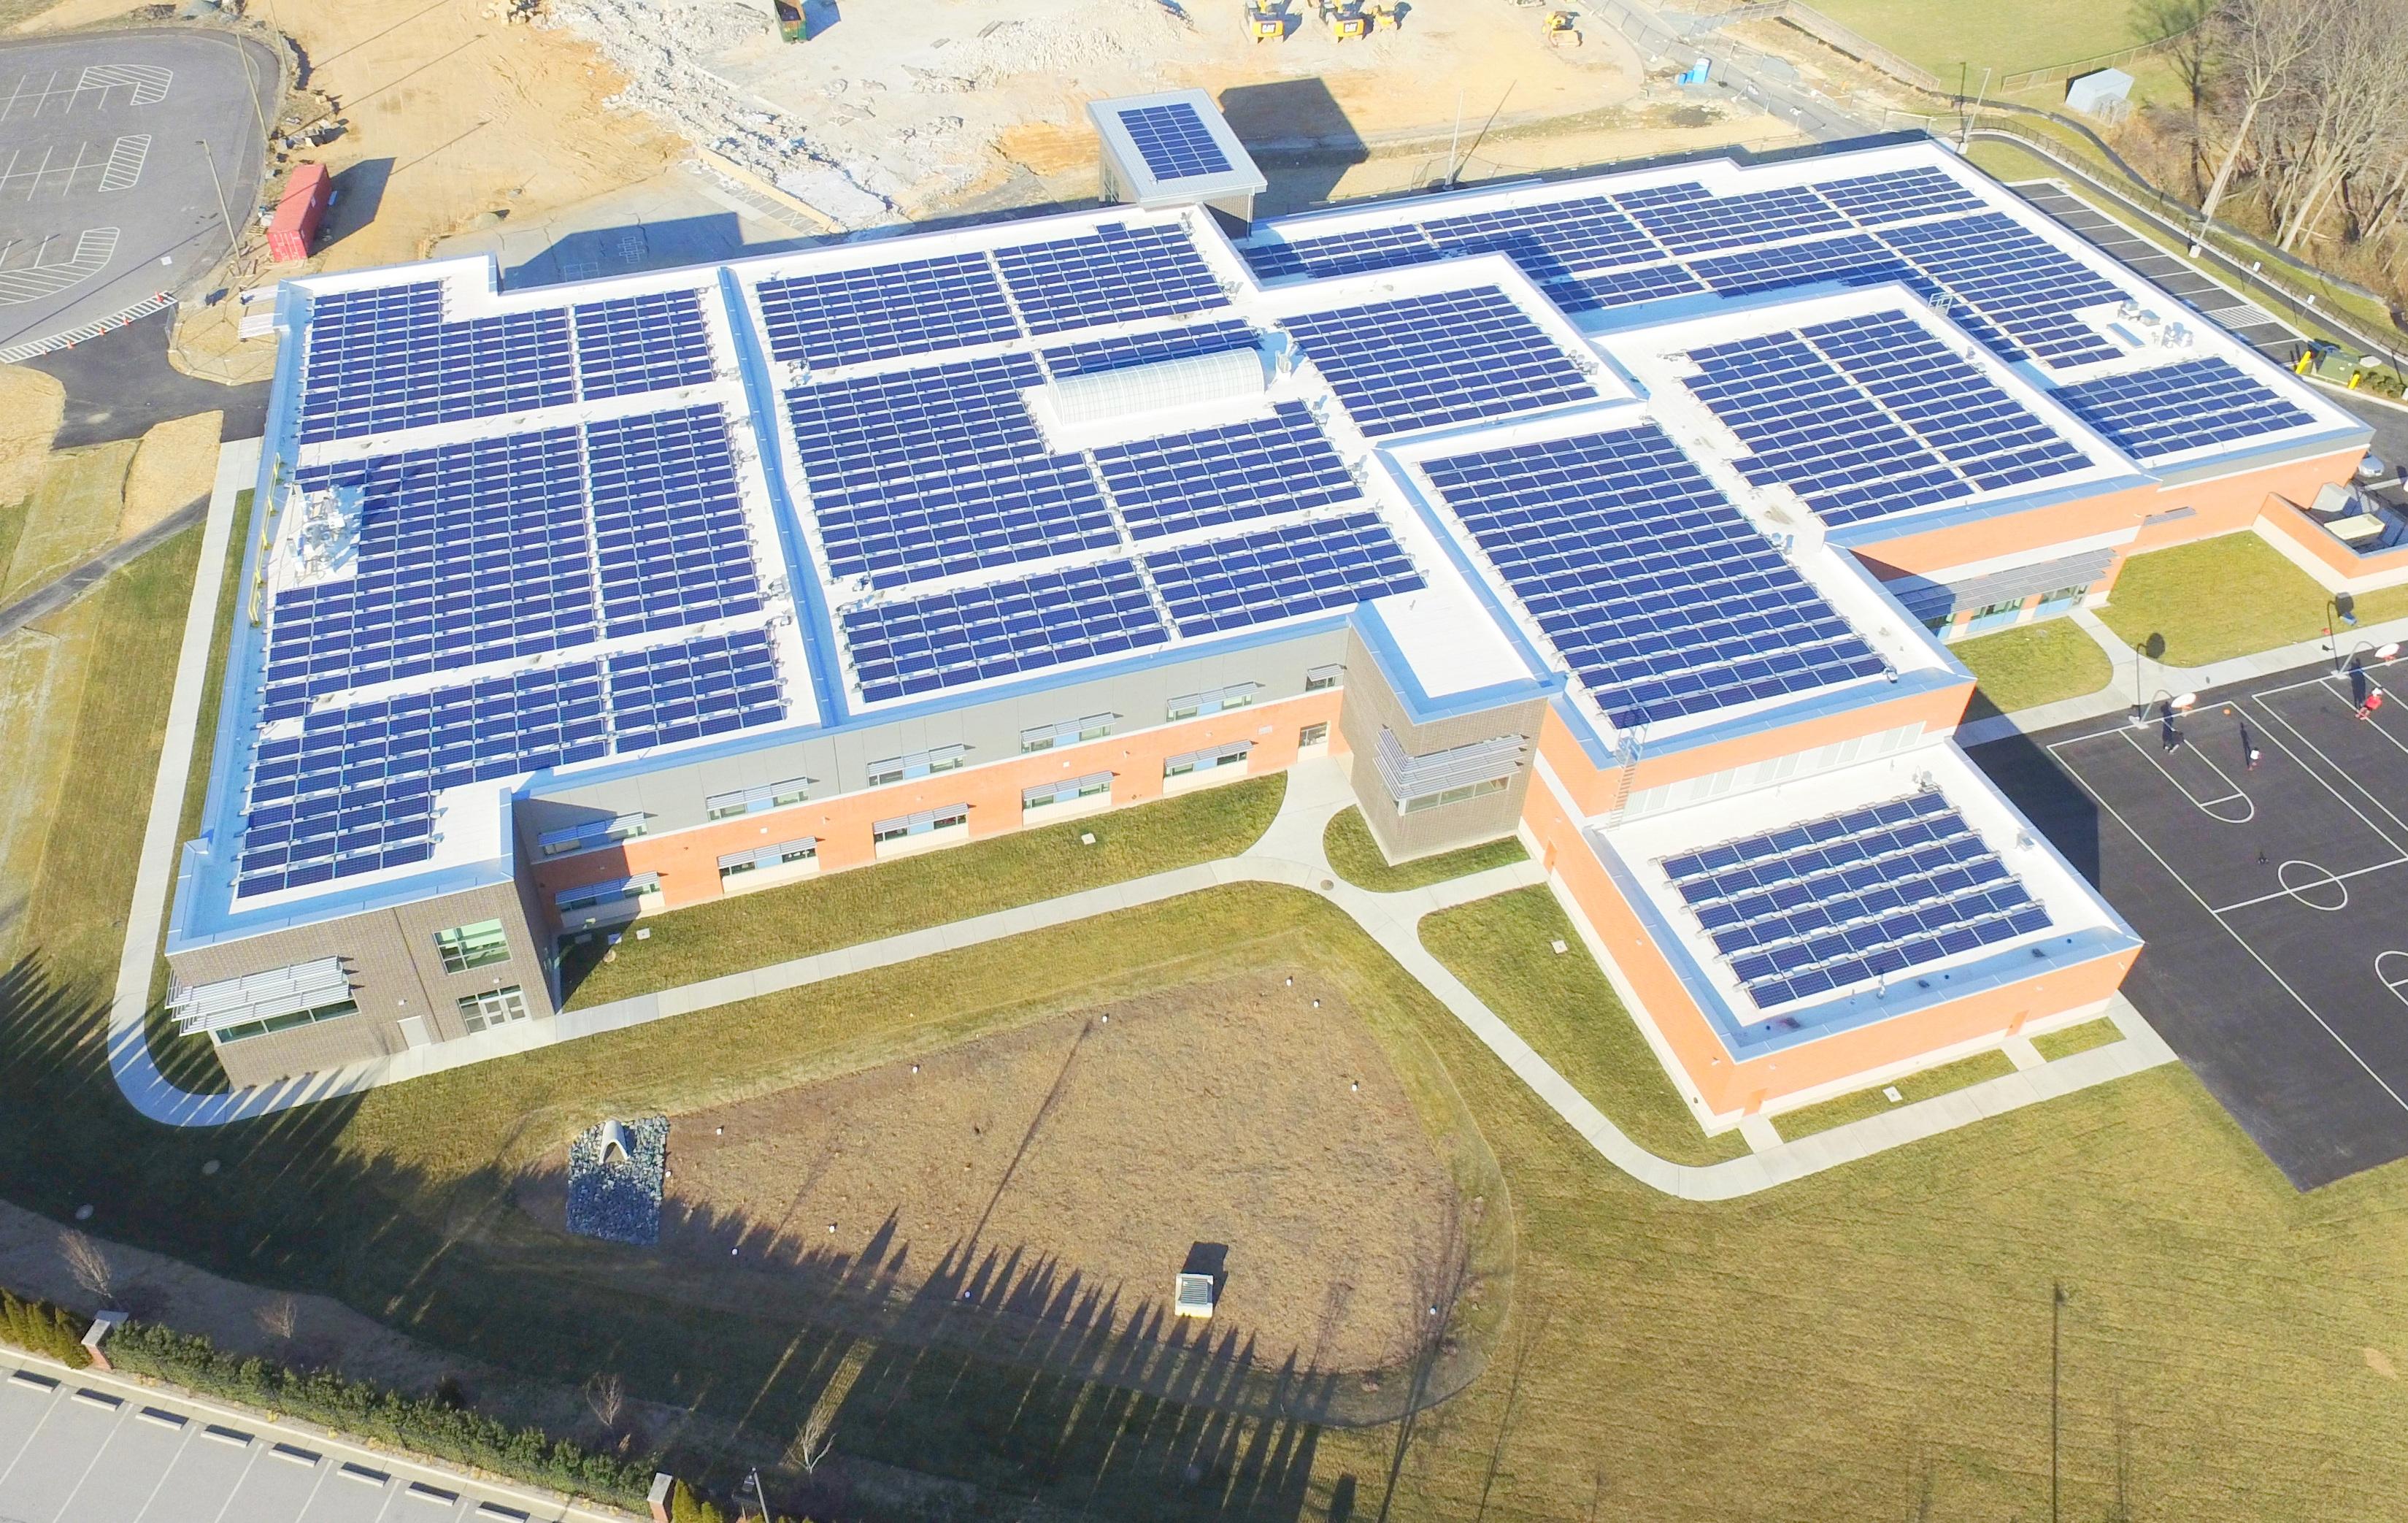 Pfister Energy Installs Solar For First Net Zero Energy